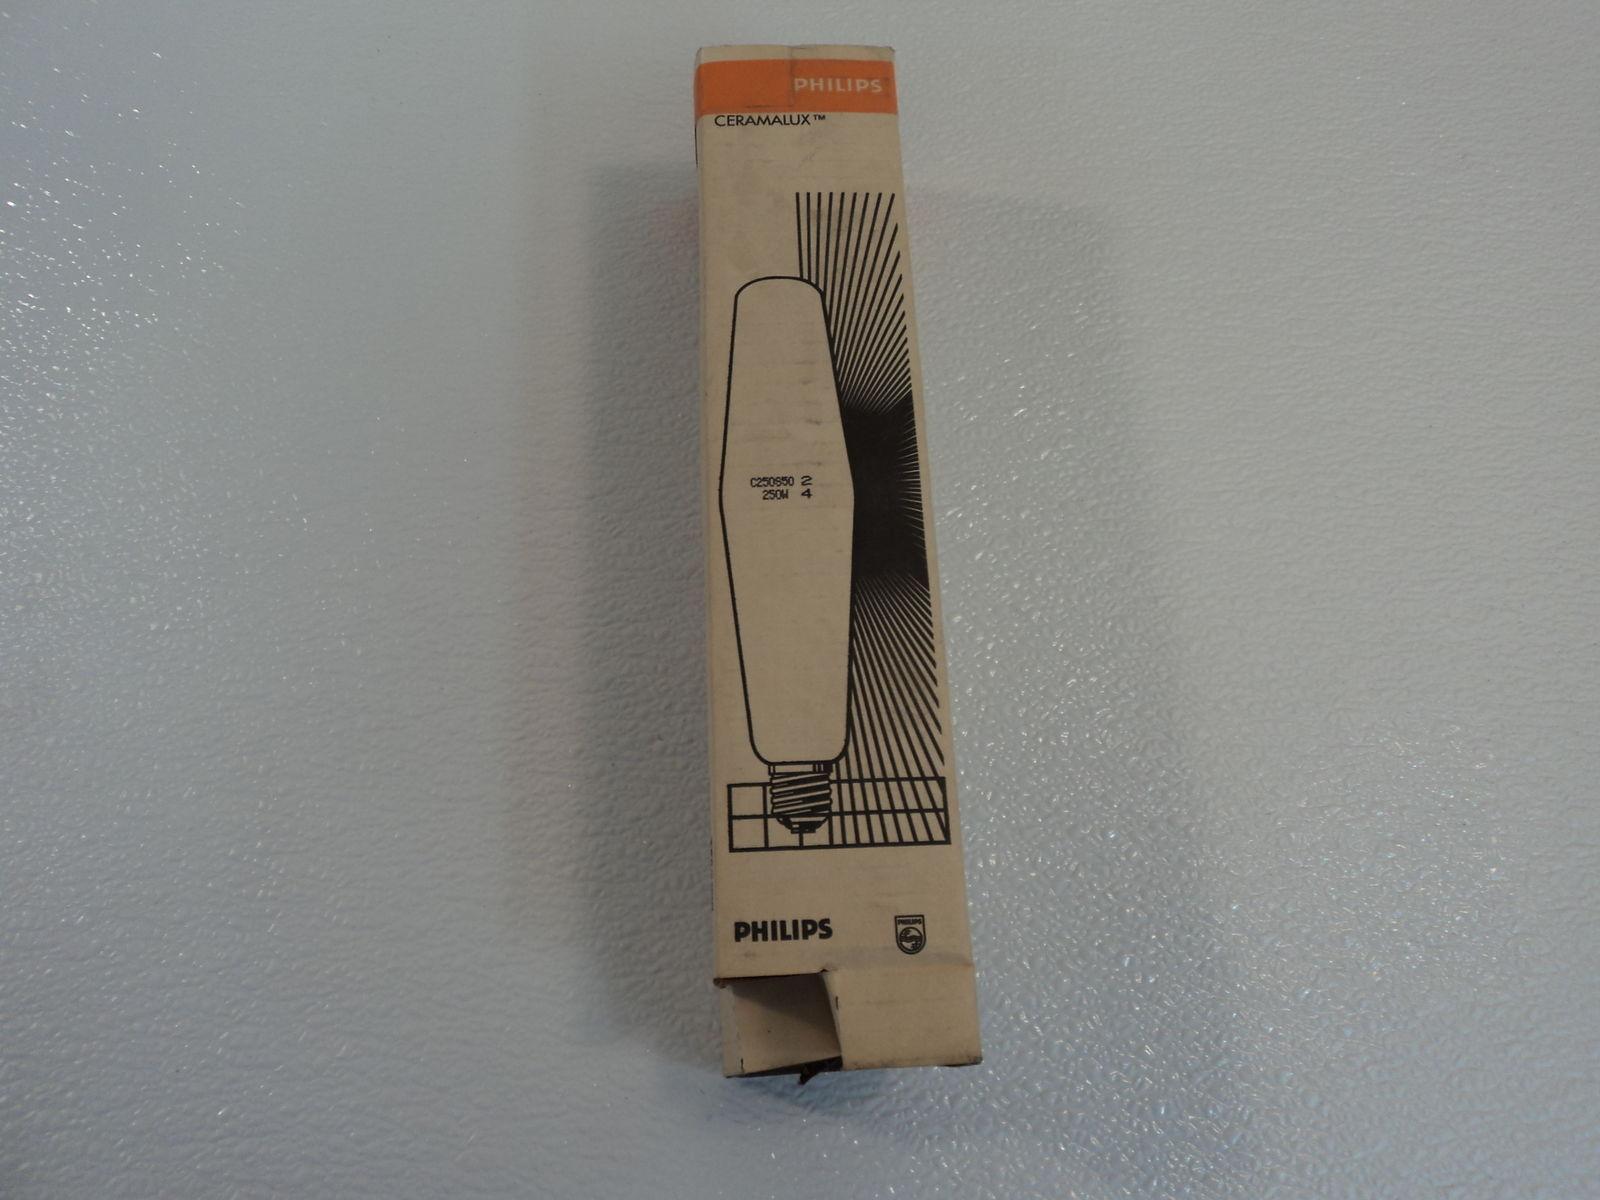 Philips Ceramalux 250W High Pressure Sodium Lamp Clear ED18 Series C250S50